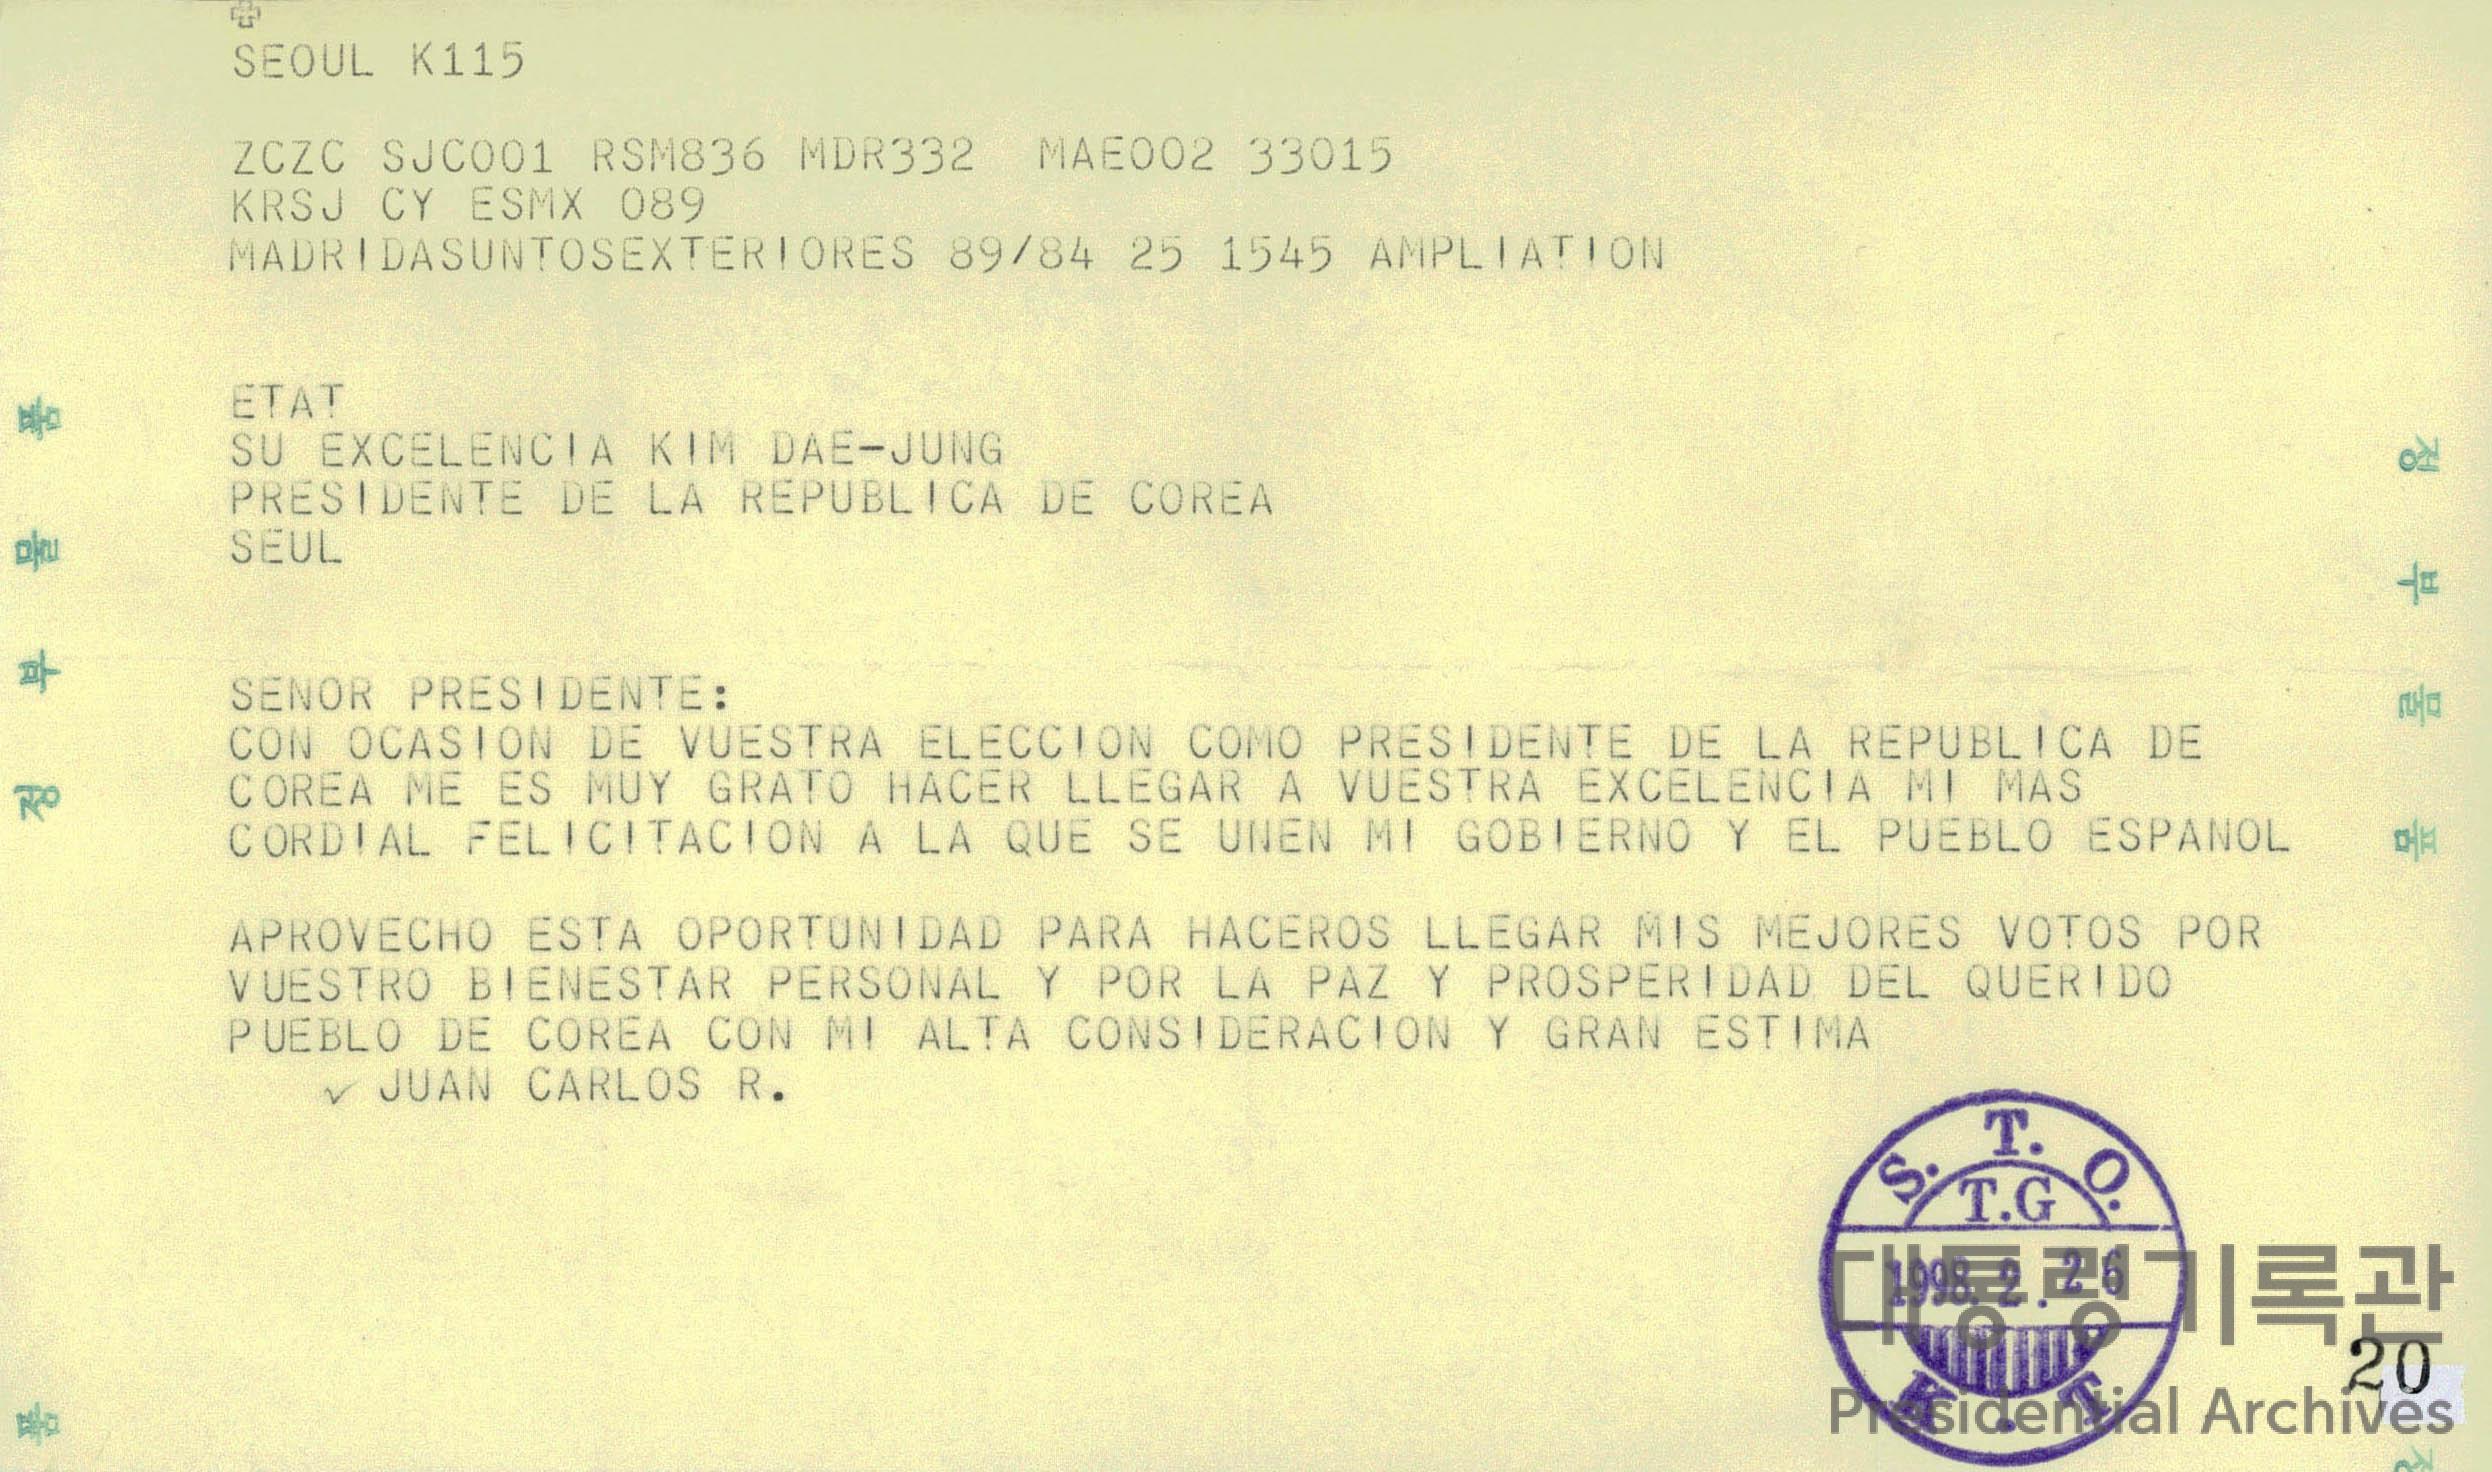 후안 까를로스(Juan Carlos) 스페인 국왕의 취임 축전